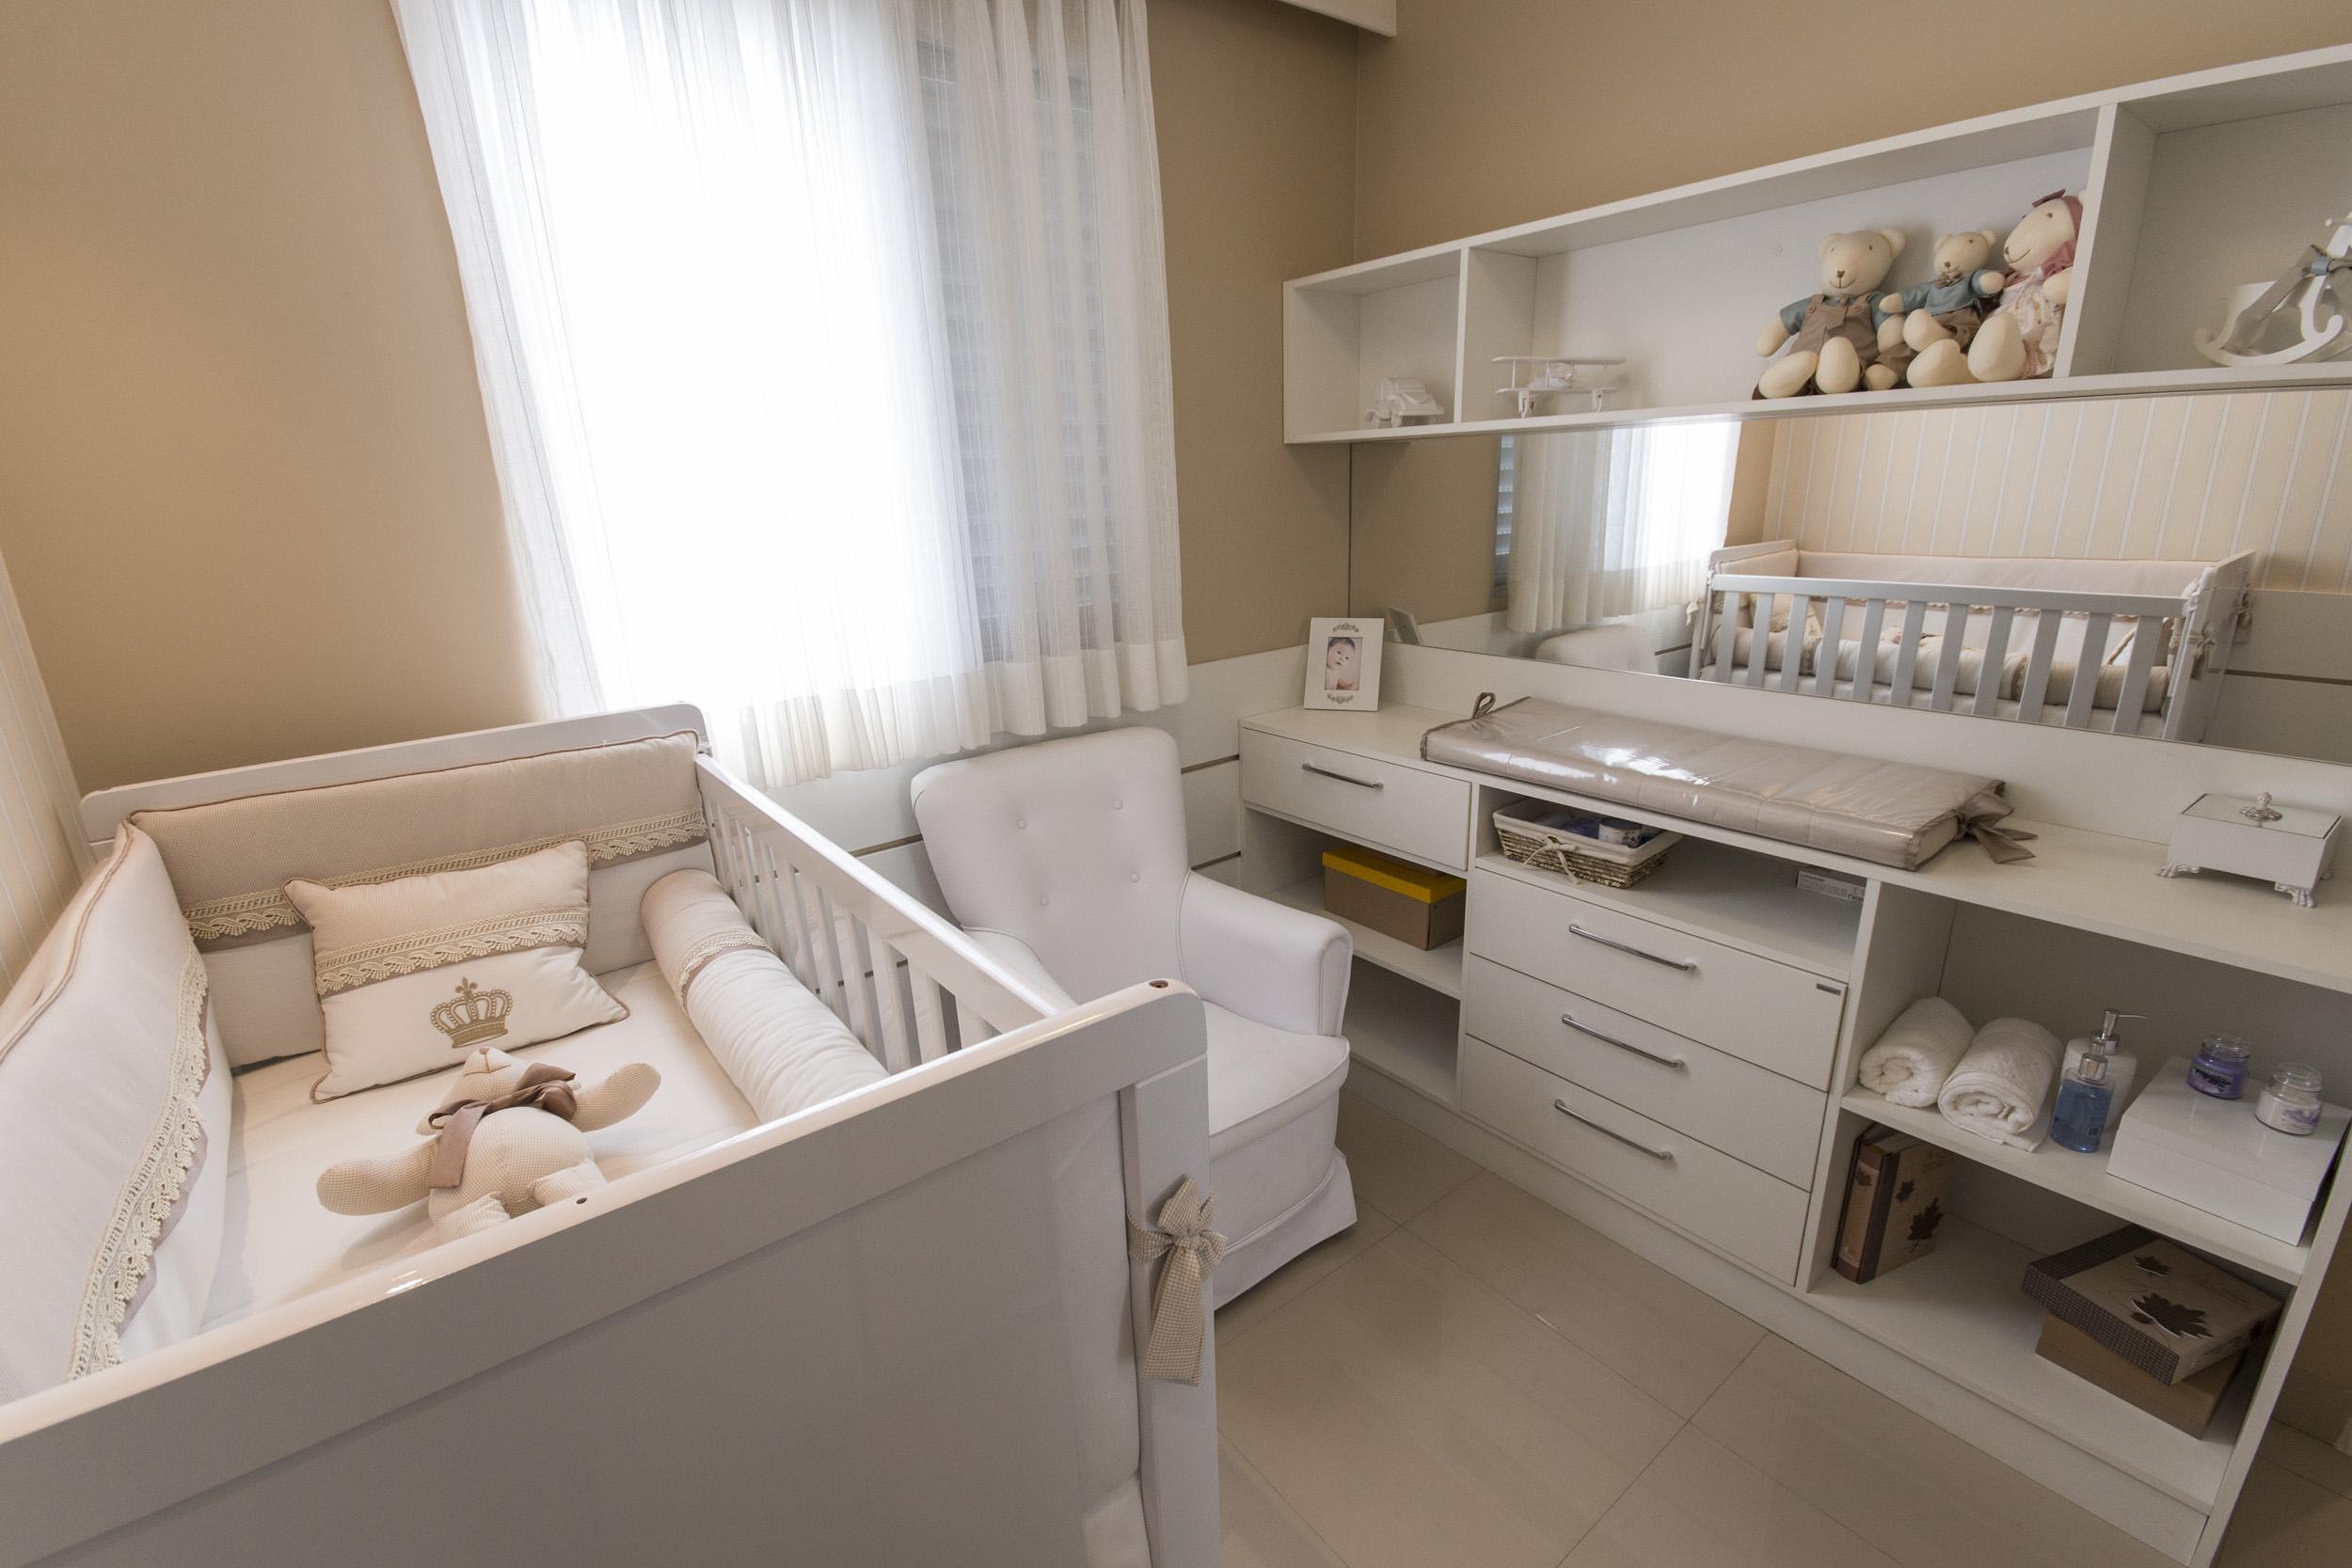 Quarto De Beb Pequeno Otimize Com Os M Veis Multifuncionais ~ Organizando O Quarto Pequeno E Decoração De Quarto Rosa